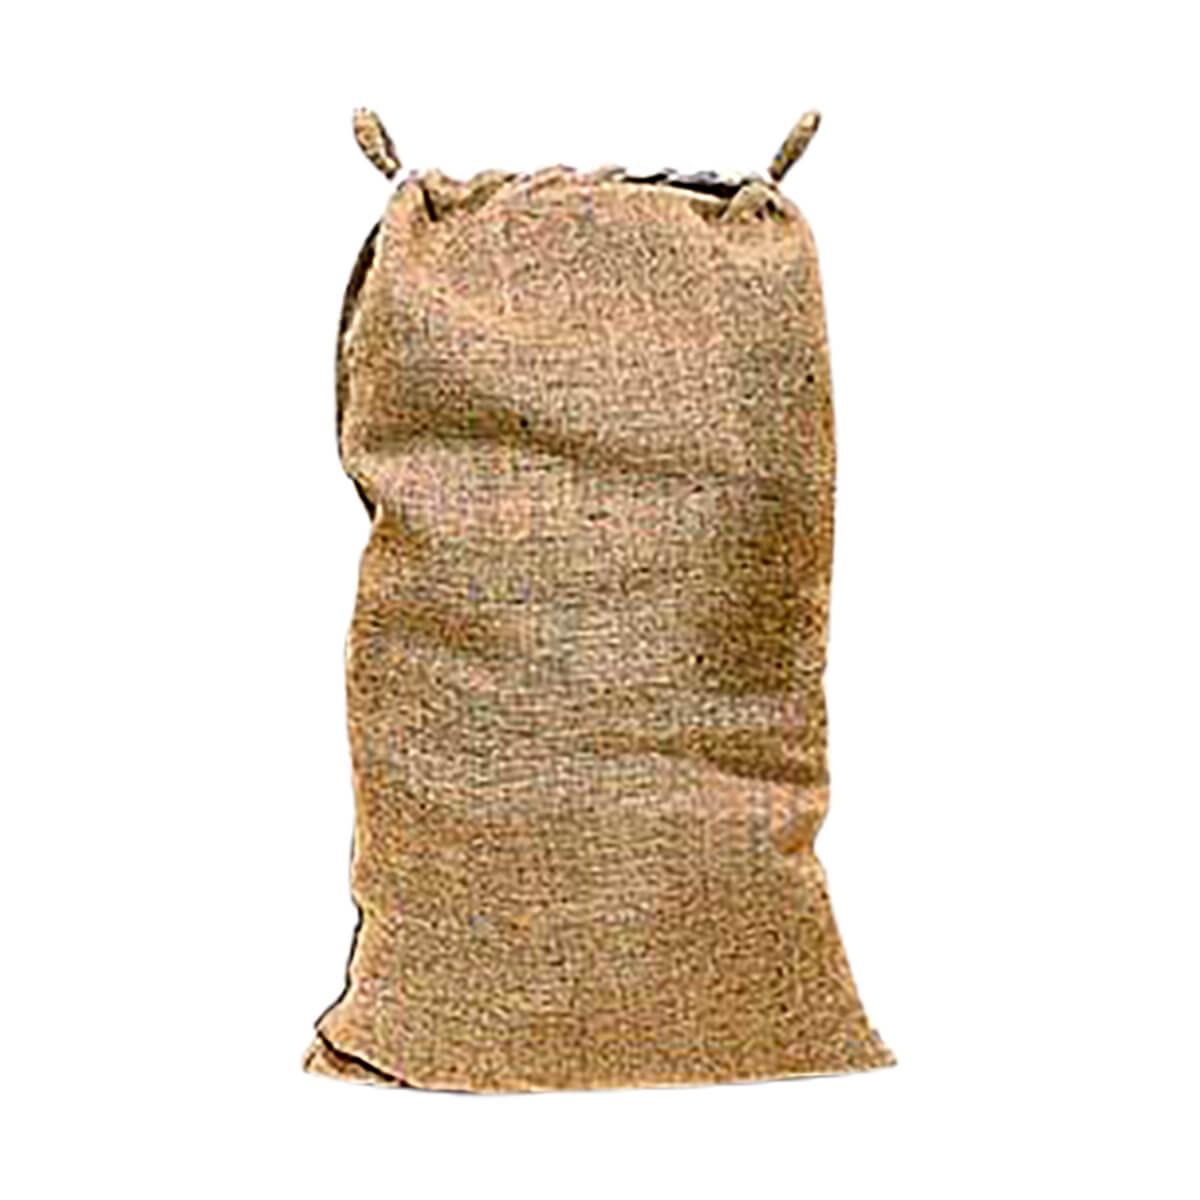 Burlap Bag - 100lb